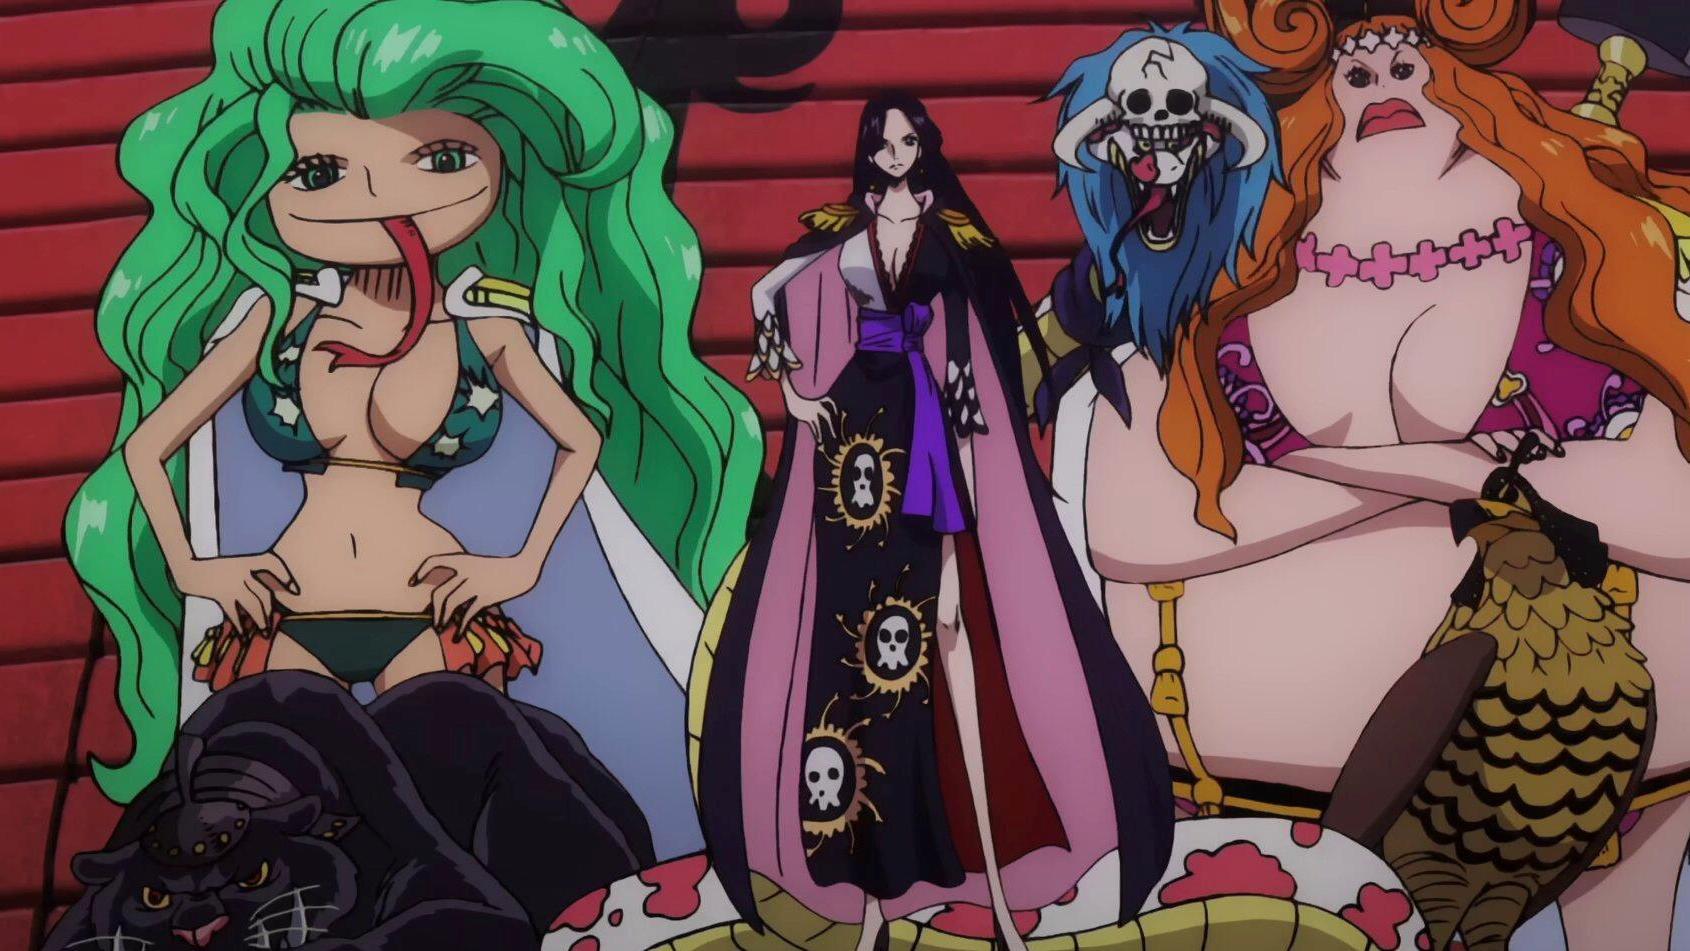 海贼王:女帝性格大分析,她的三个黑料纯属无稽之谈!